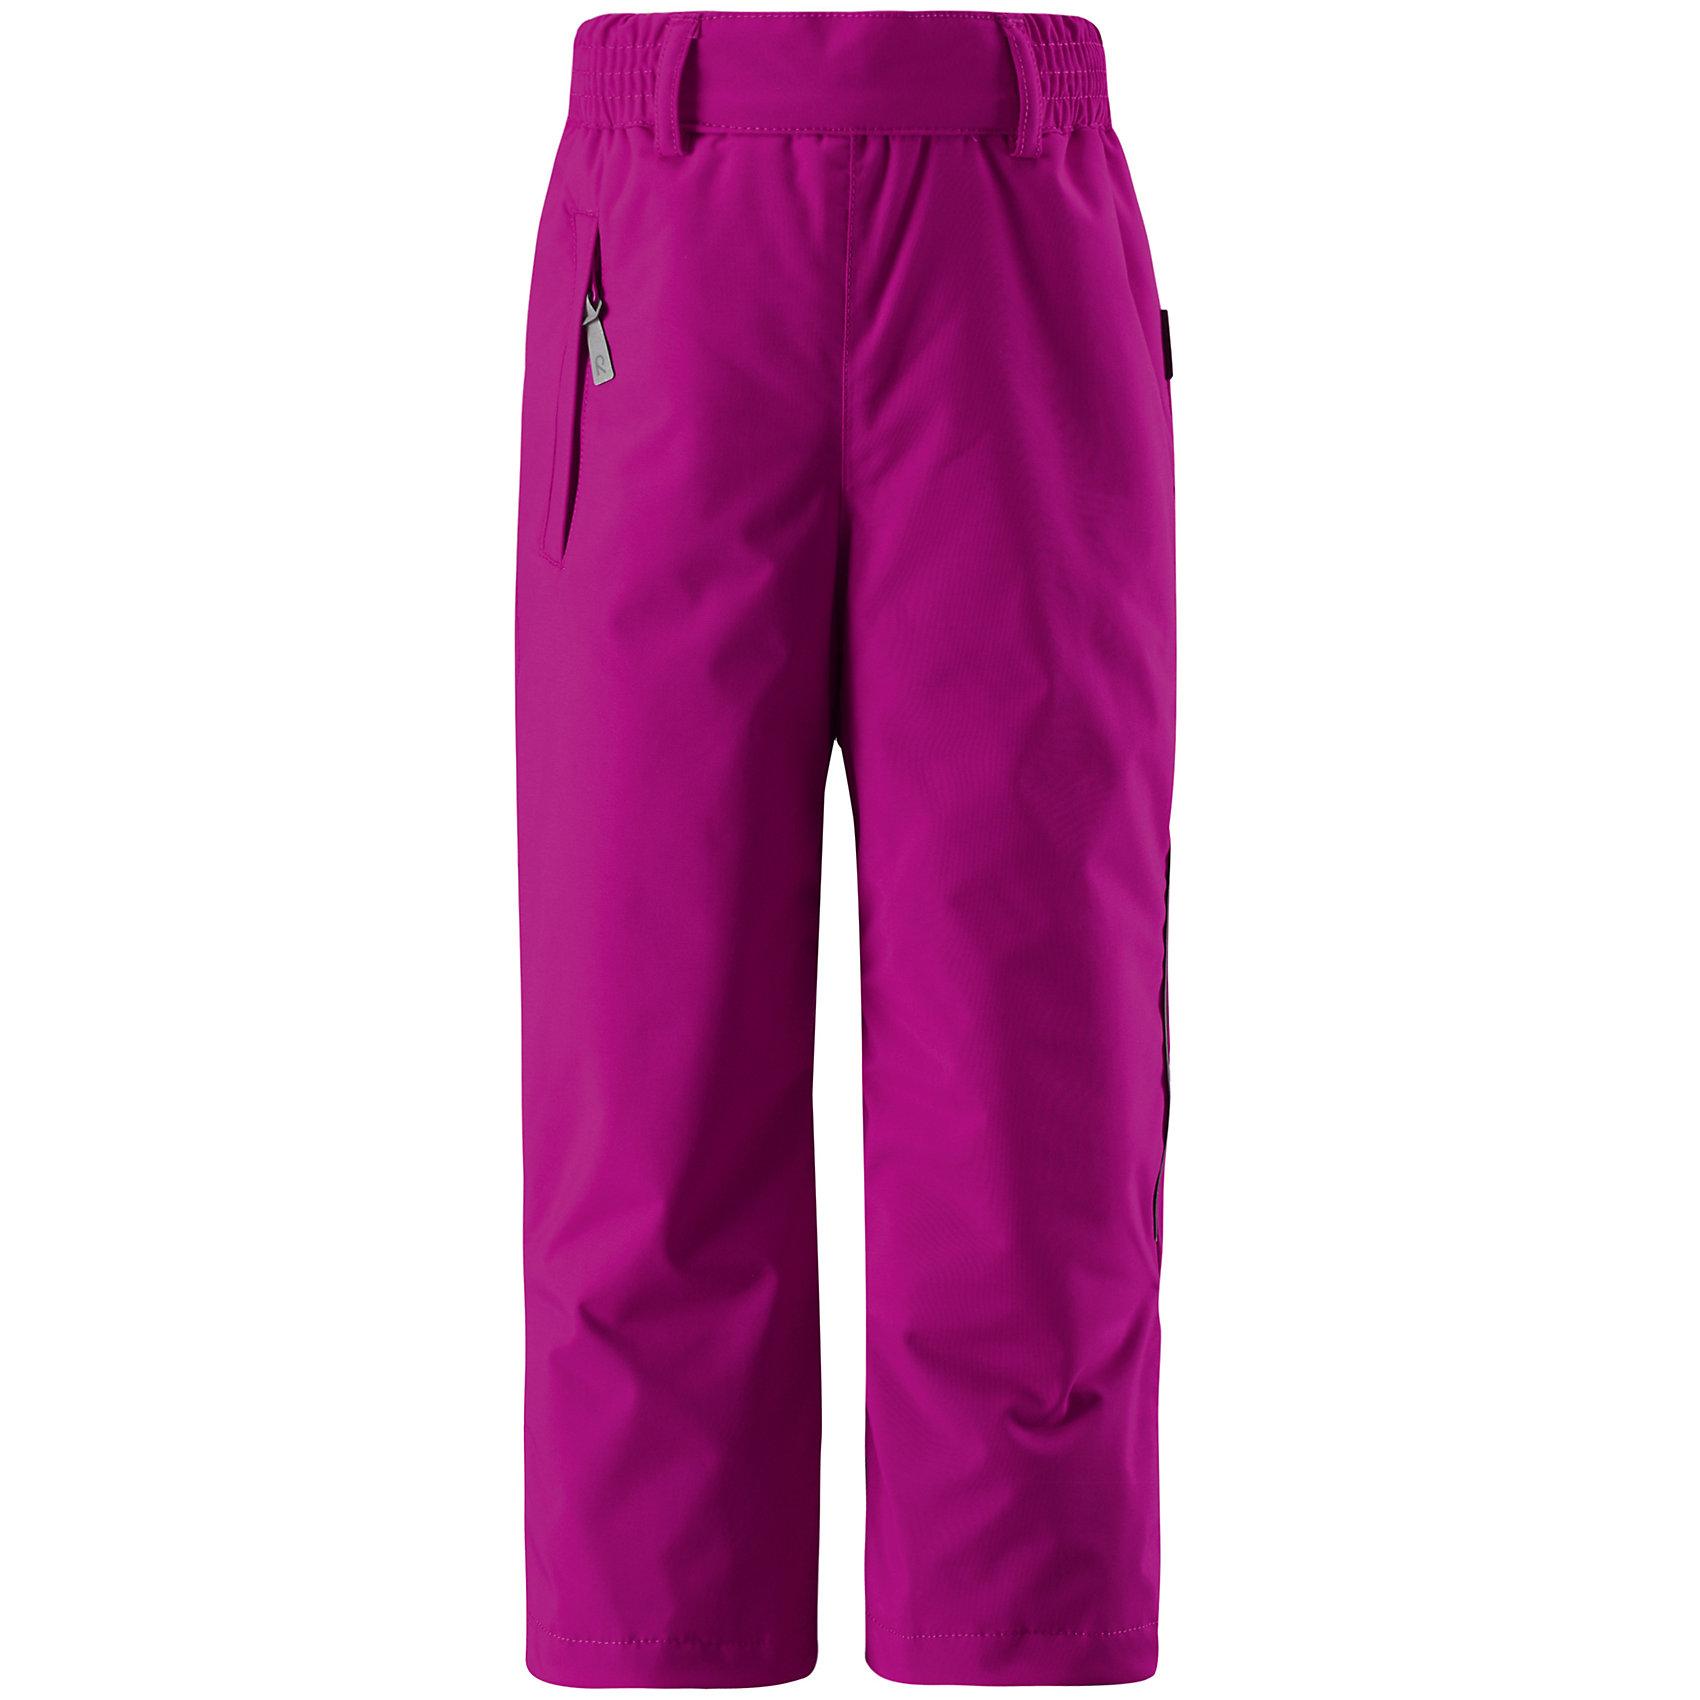 Брюки Reimatec для девочки ReimaЭти сверхпрочные брюки из сверх популярной коллекции ORIGINALS подходят для активных детей. Все швы в этих полностью водонепроницаемых брюках проклеены, чтобы обеспечить максимальный комфорт во время весёлых игр на улице в любую погоду. Благодаря ветронепроницаемому, пропускающему воздух материалу детям будет комфортно играть на улице, они не вспотеют. Регулируемая эластичная талия и низ брючин обеспечат хорошую посадку. Блокировка от снега на концах брючин защитит ножки от холодных снежных сюрпризов. К концам брючин можно пристегнуть блокировку от снега, чтобы они не соскальзывали с обуви. В карманы на молнии можно положить всё необходимое, когда пойдёте на прогулку. Эти брюки можно сушить в центрифуге.<br><br>Дополнительная информация:<br><br>Температурный режим: до -20<br>Средняя степень утепления: 120 г<br>Водонепроницаемые зимние брюки для детей постарше, модель ORIGINAL<br>Все швы проклеены, водонепроницаемы<br>Прочный материал<br>Один карман на молнии<br>Регулируемая талия<br>Низ брючин регулируется с помощью липучки<br>Низ брючин застегивается на кнопку для блокировки от снега<br>Безопасные светоотражающие детали<br><br>Брюки Reimatec Reima (Рейматек Рейма) можно купить в нашем магазине.<br><br>Ширина мм: 215<br>Глубина мм: 88<br>Высота мм: 191<br>Вес г: 336<br>Цвет: розовый<br>Возраст от месяцев: 36<br>Возраст до месяцев: 48<br>Пол: Женский<br>Возраст: Детский<br>Размер: 104,128,122,110,116,134,140<br>SKU: 4417005